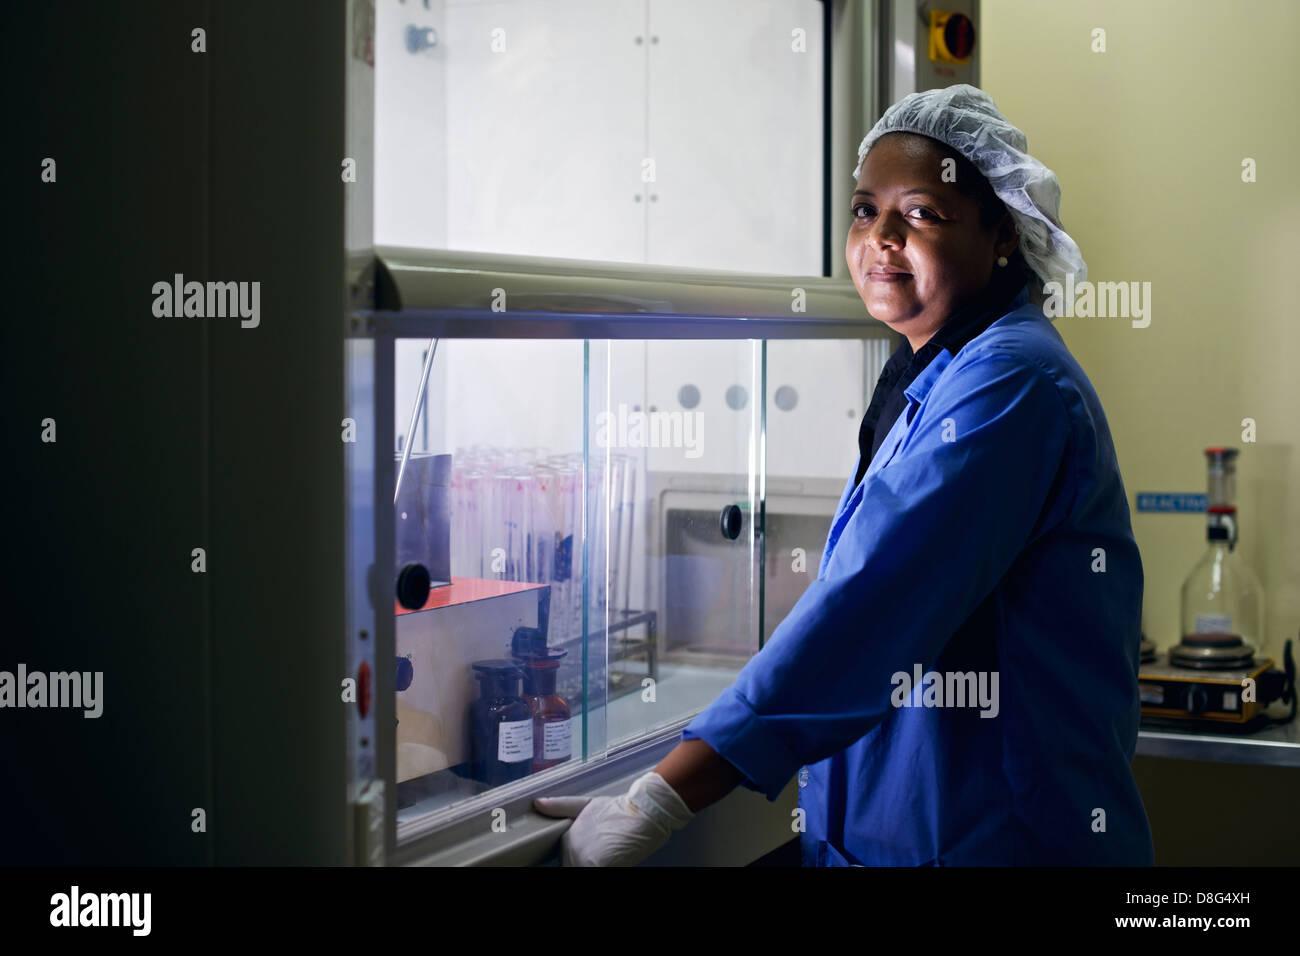 Medizinischen Zentrum und industrielle Forschungseinrichtung, Frau Reinigung Reagenzgläser im Labor Stockbild